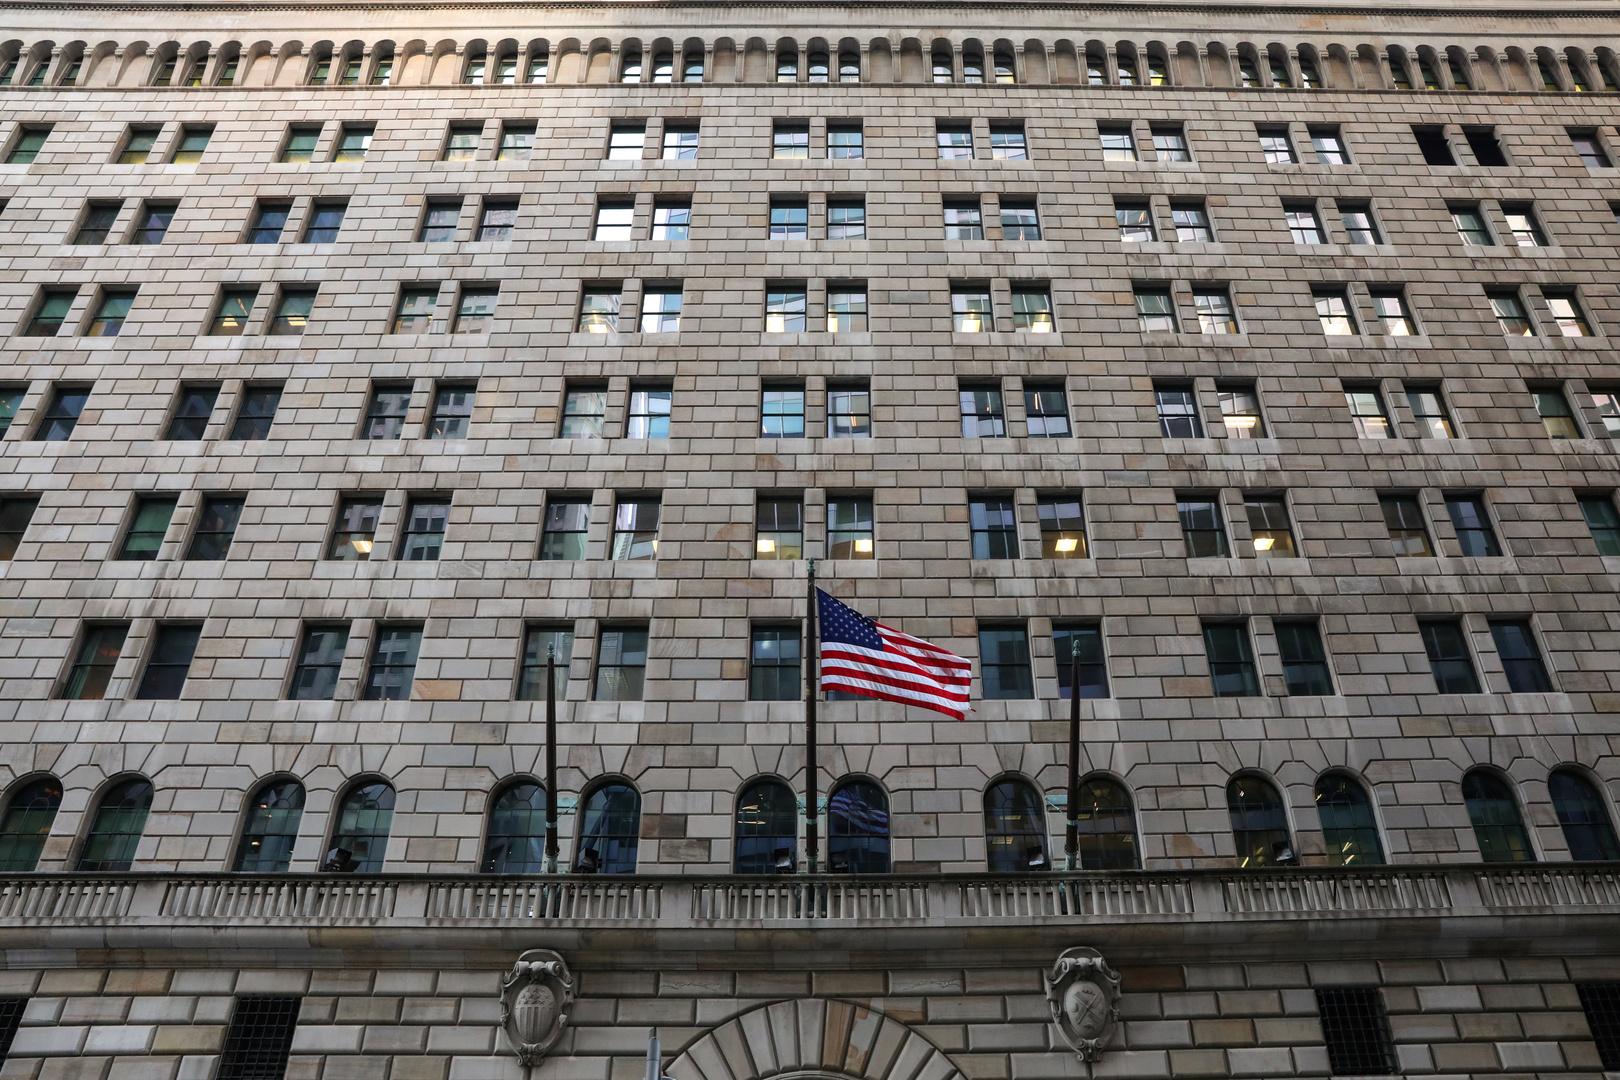 مبنى البنك الاحتياطي الفدرالي في نيويورك